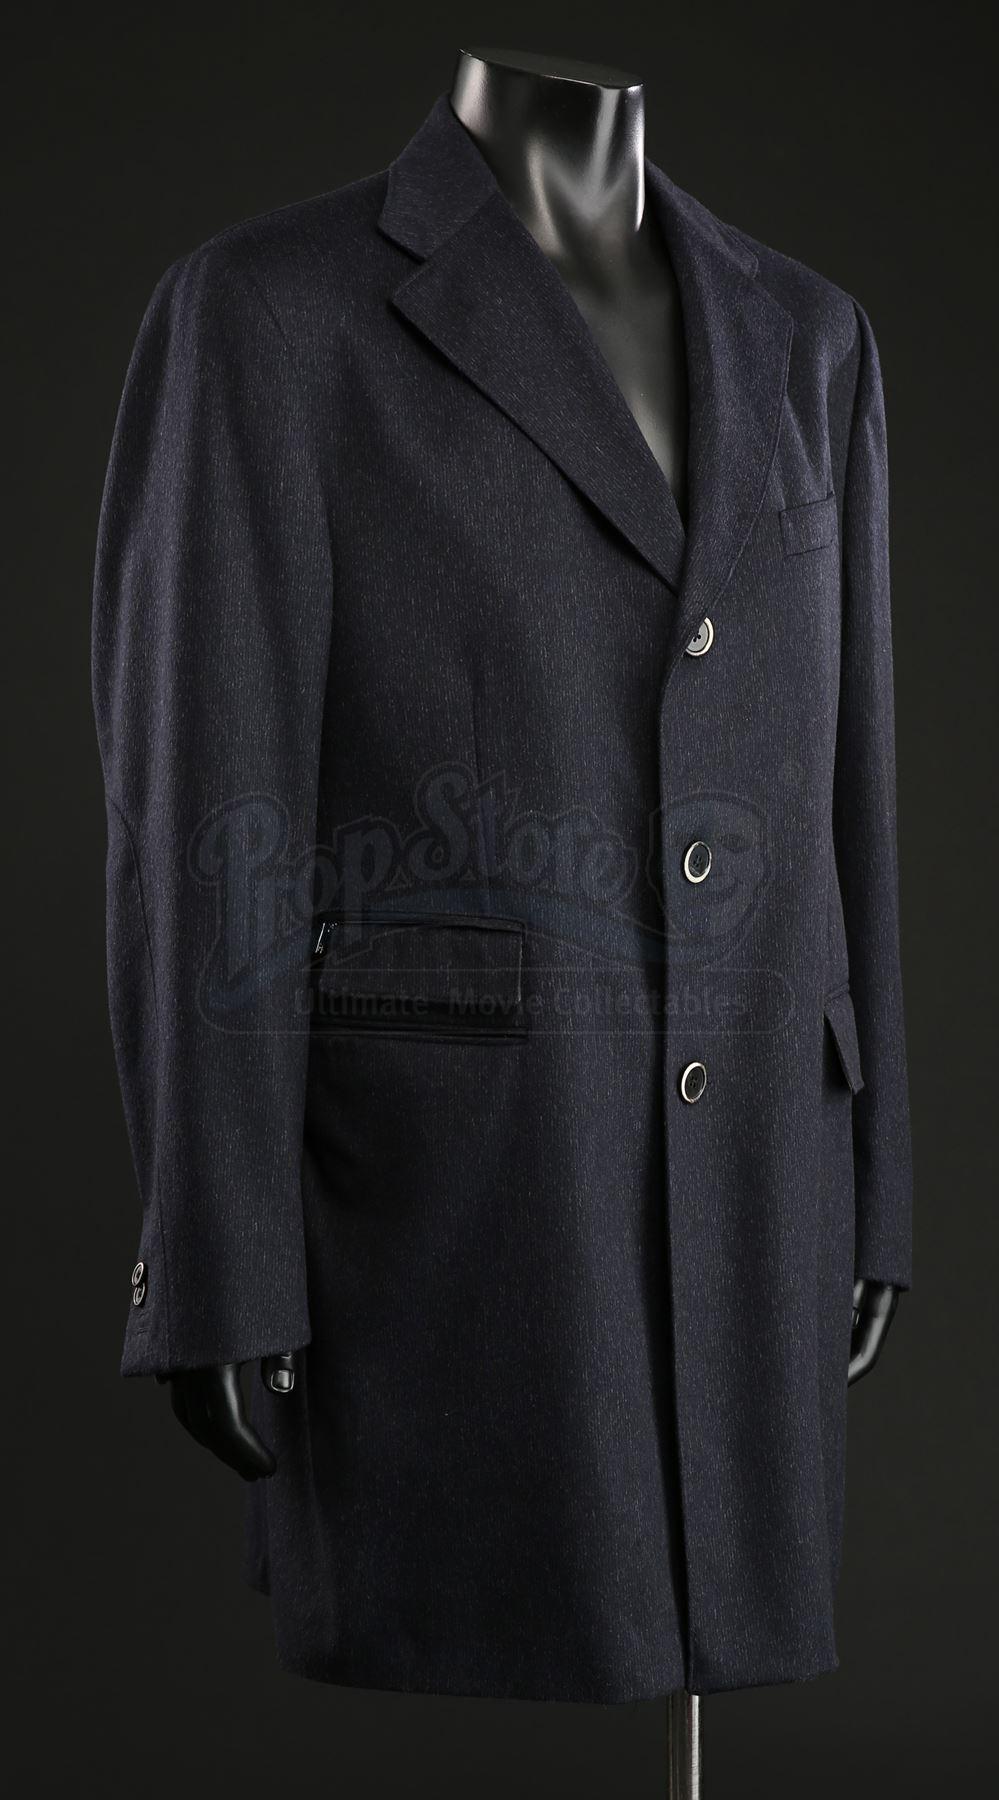 Overcoat prices